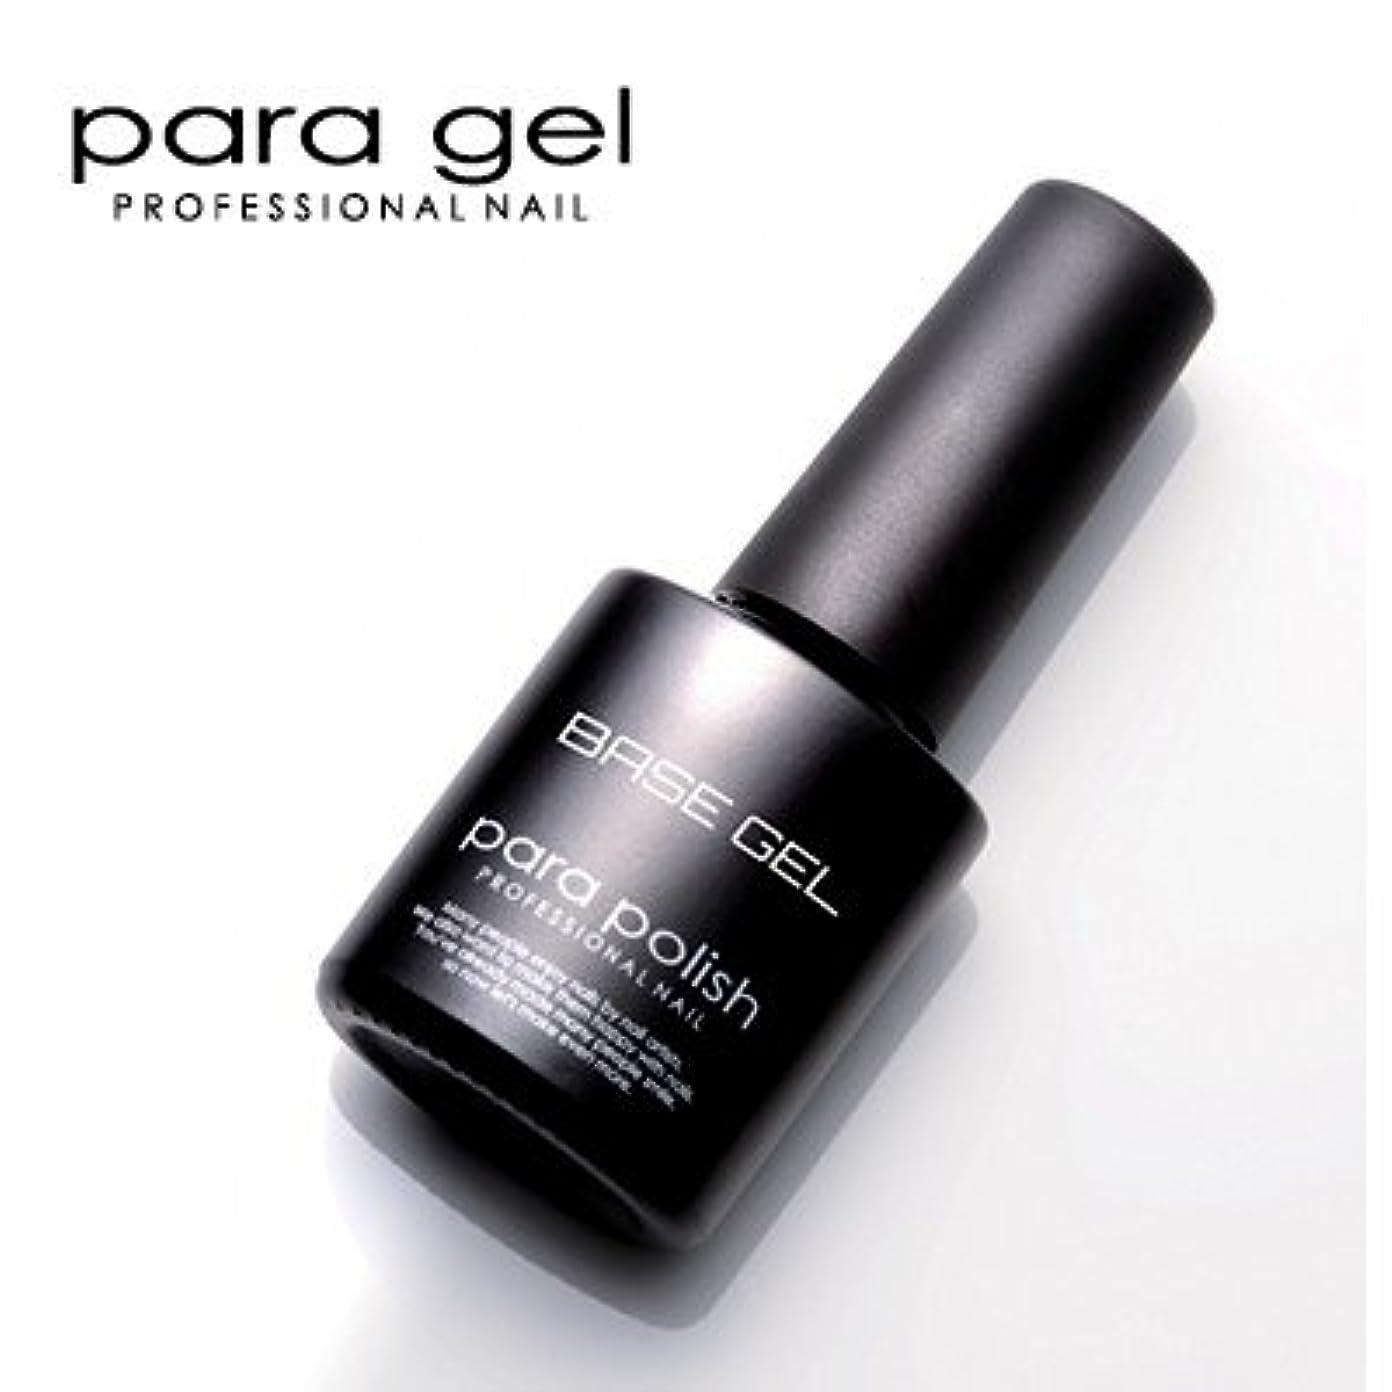 単調なぬいぐるみモーターパラジェル para polish(パラポリッシュ) ベースジェル 7g